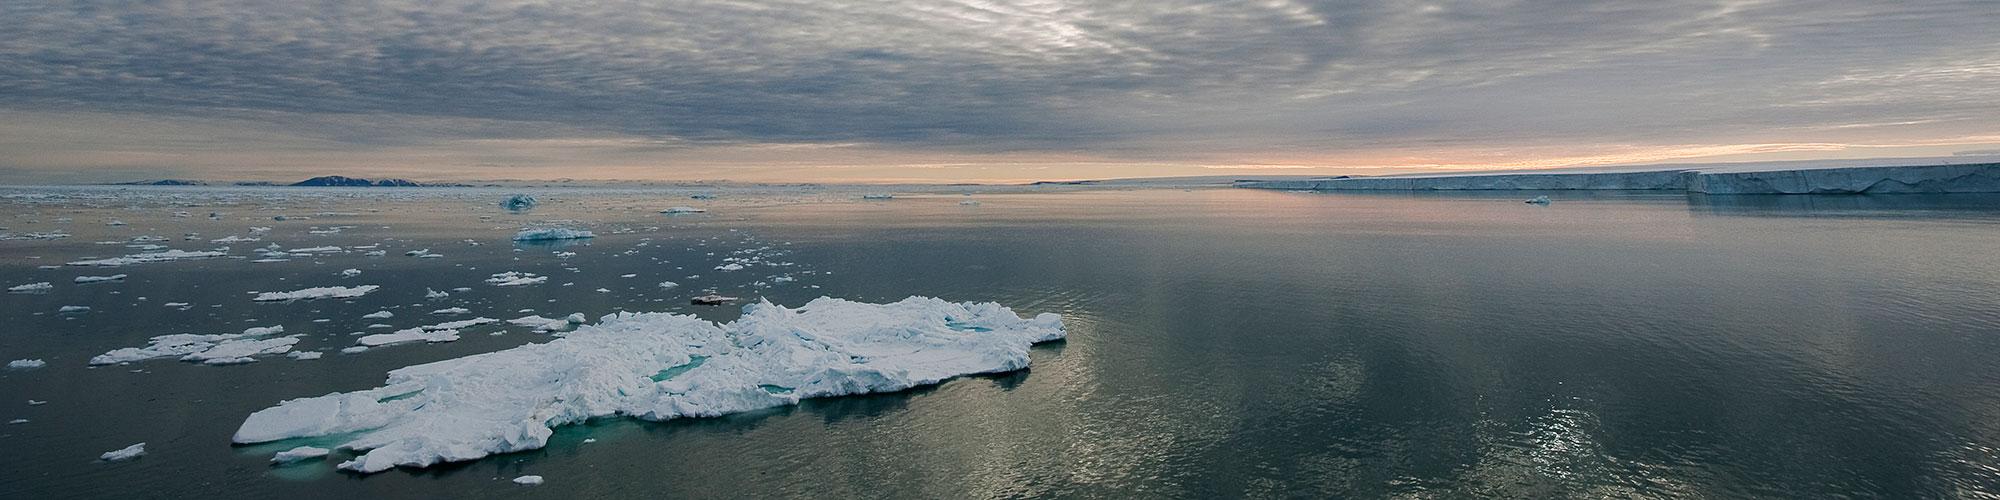 ©Jan Vermeer - Spitsbergen